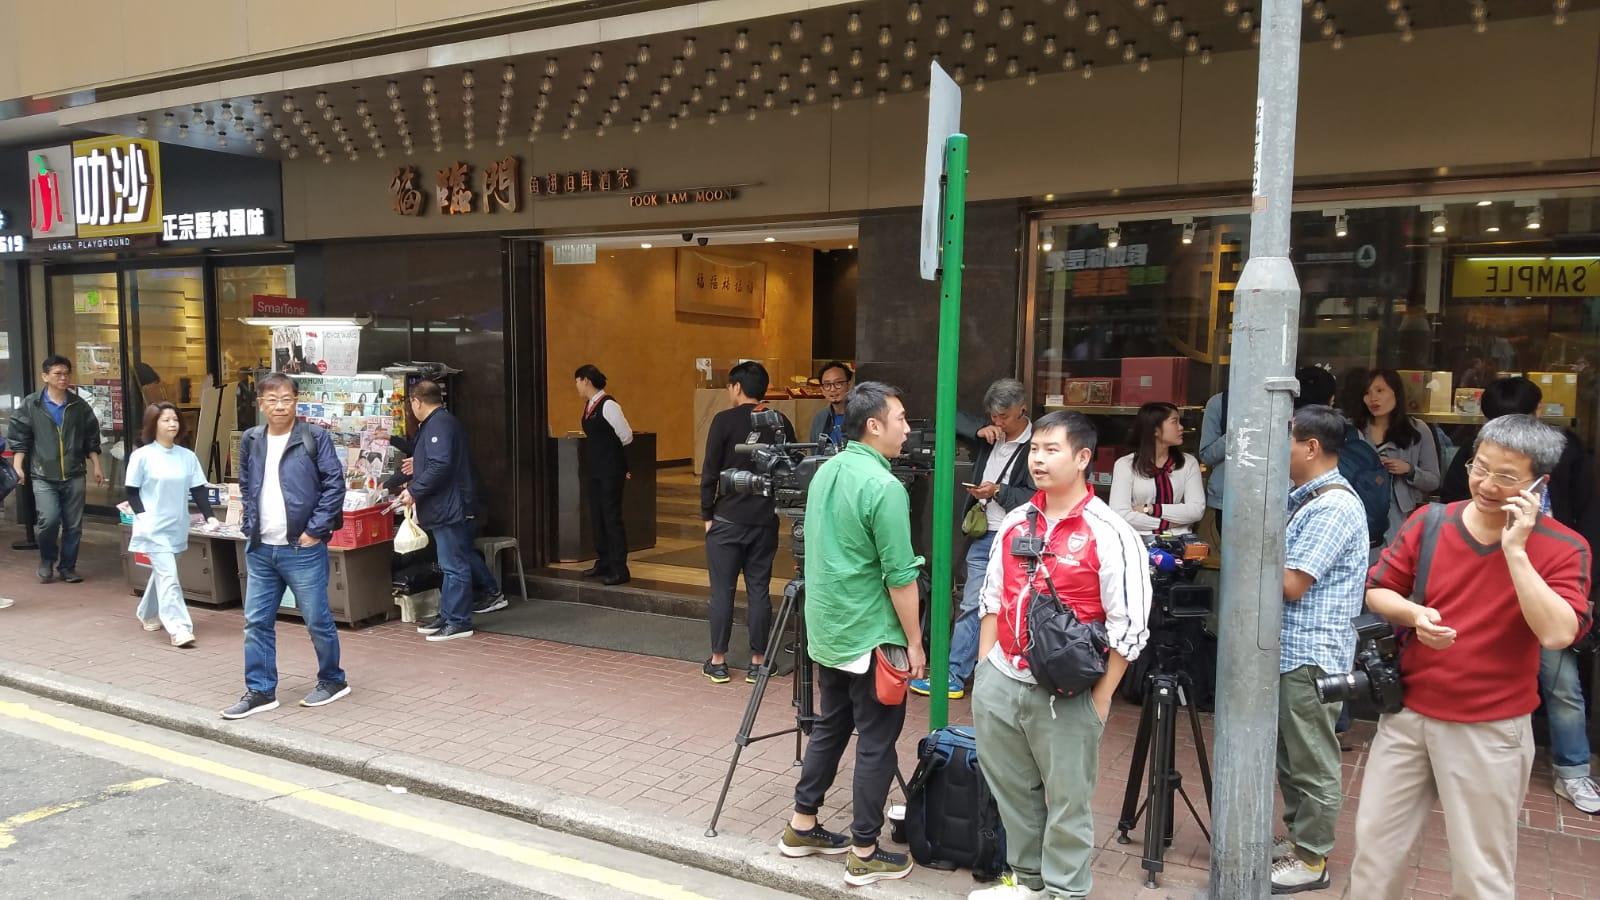 傳媒在劉鑾雄經常光顧的福臨門酒家外守候。